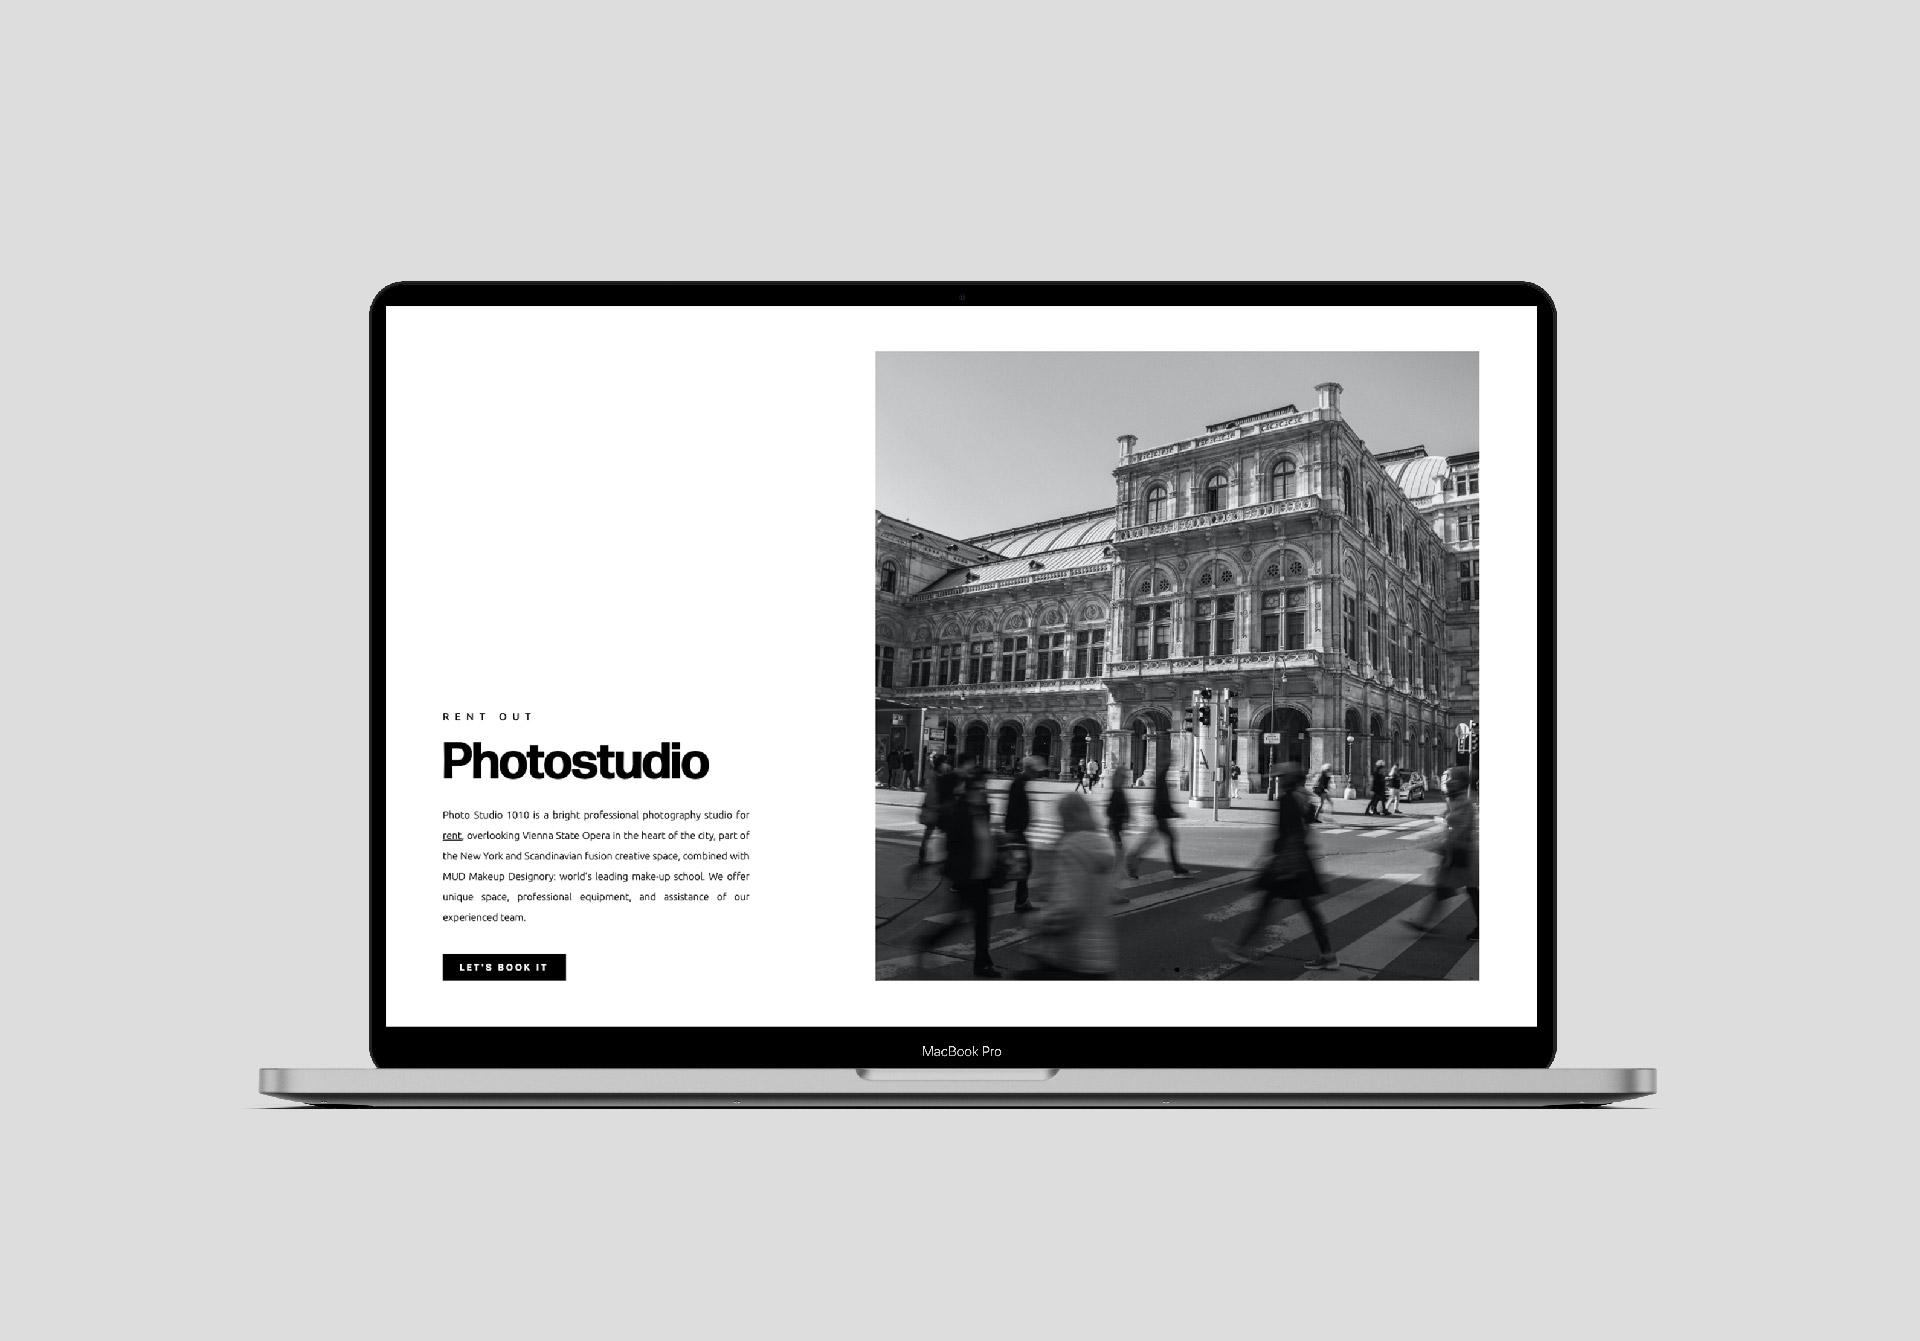 photo studio vienna rent Fotostudio Wien Miete 1010 general condition studio belgrade